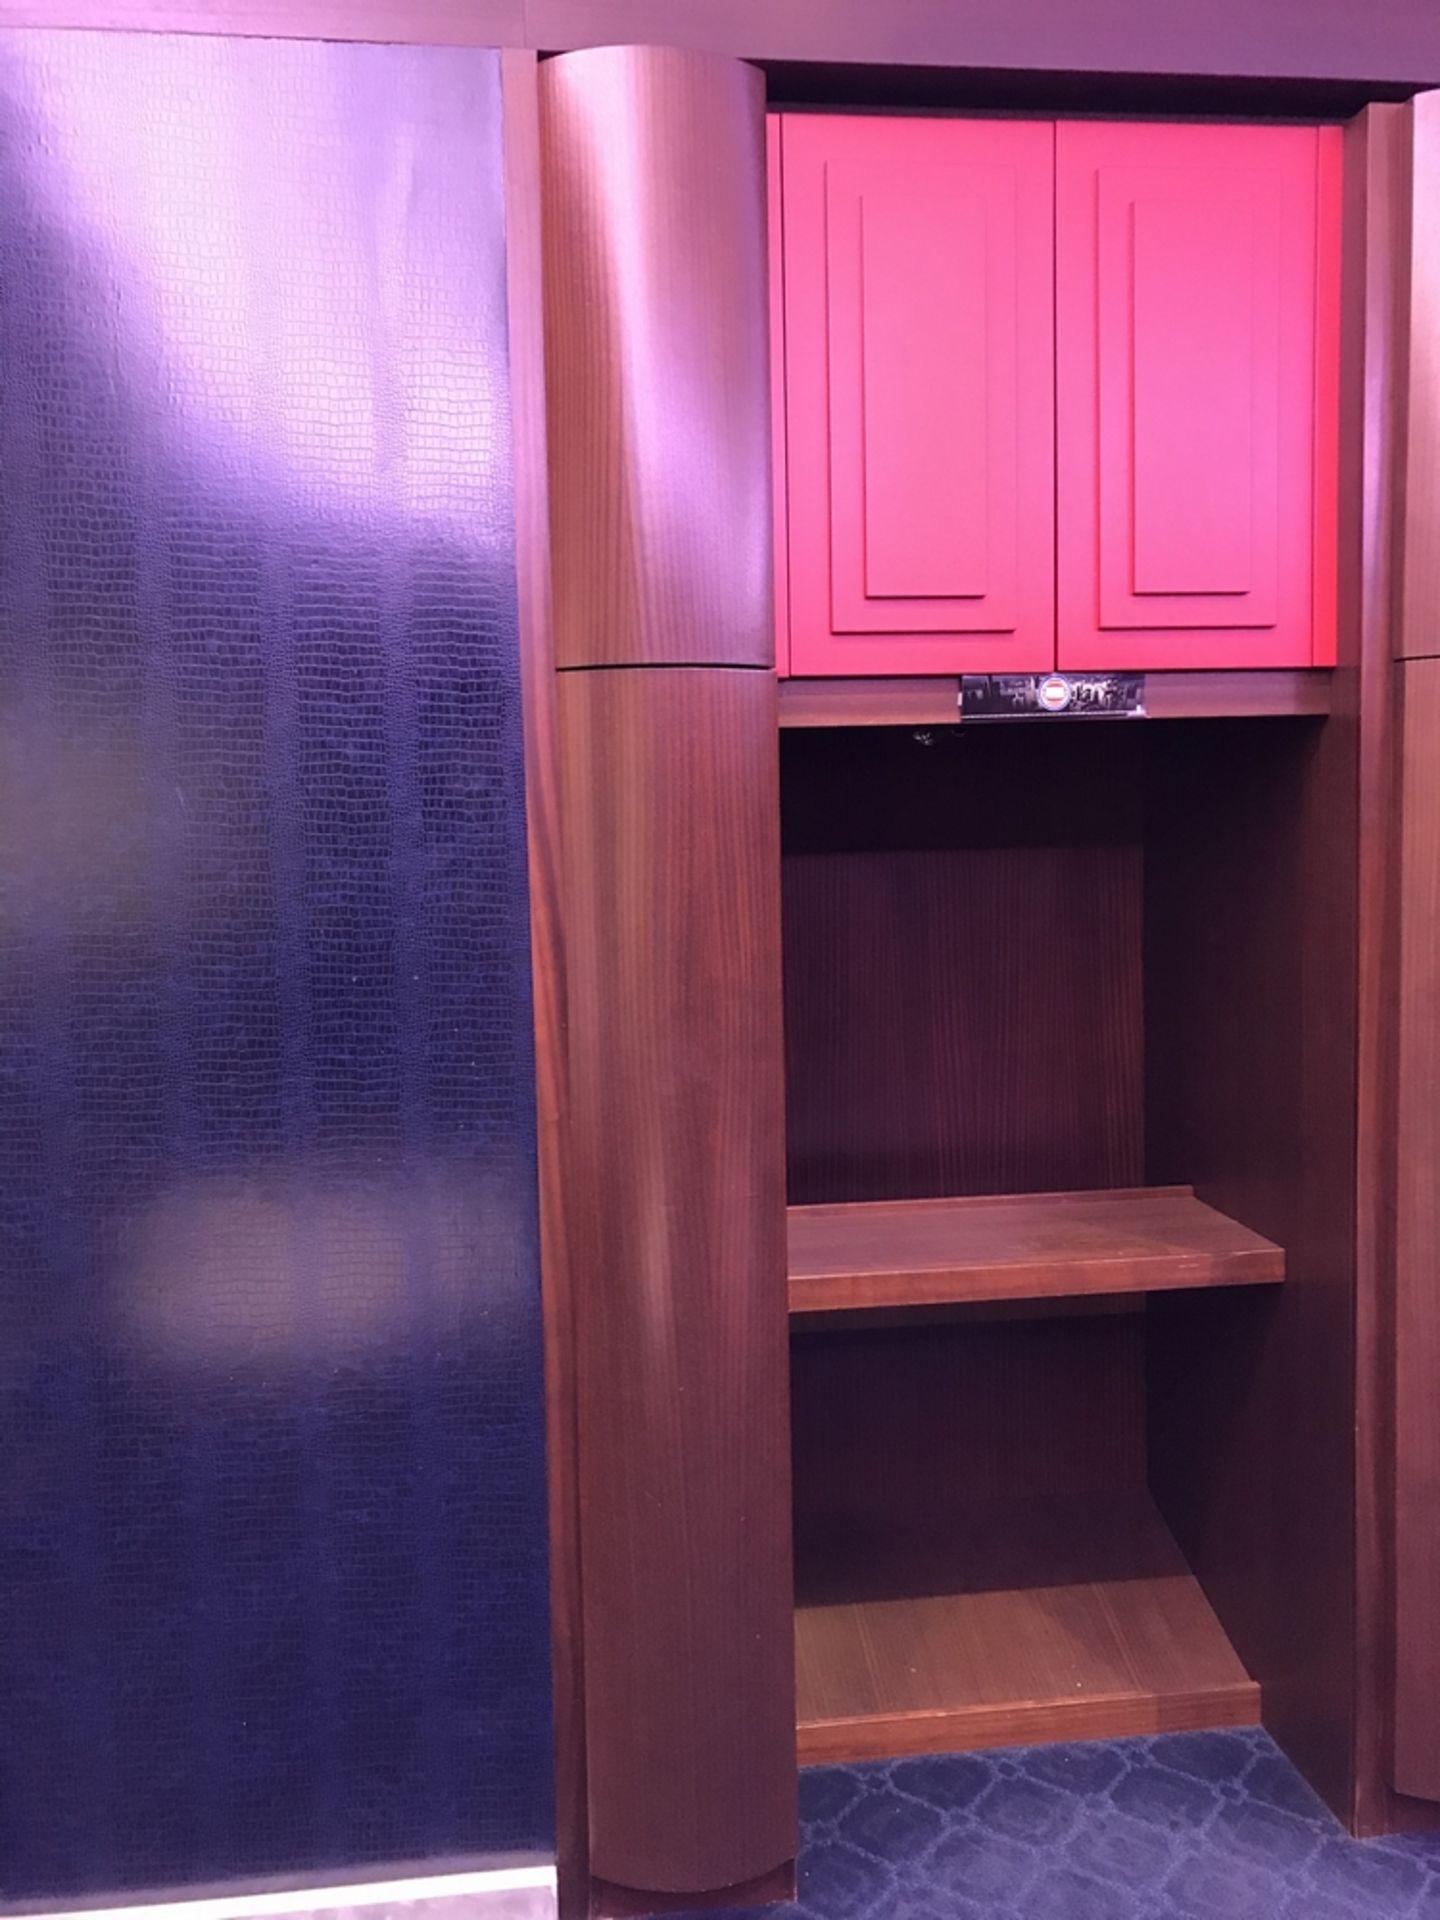 Lot 11 - Piston Player Locker , Dim. 58 in w x 107 in h x 35 in d , Location: Locker Room ***Note from